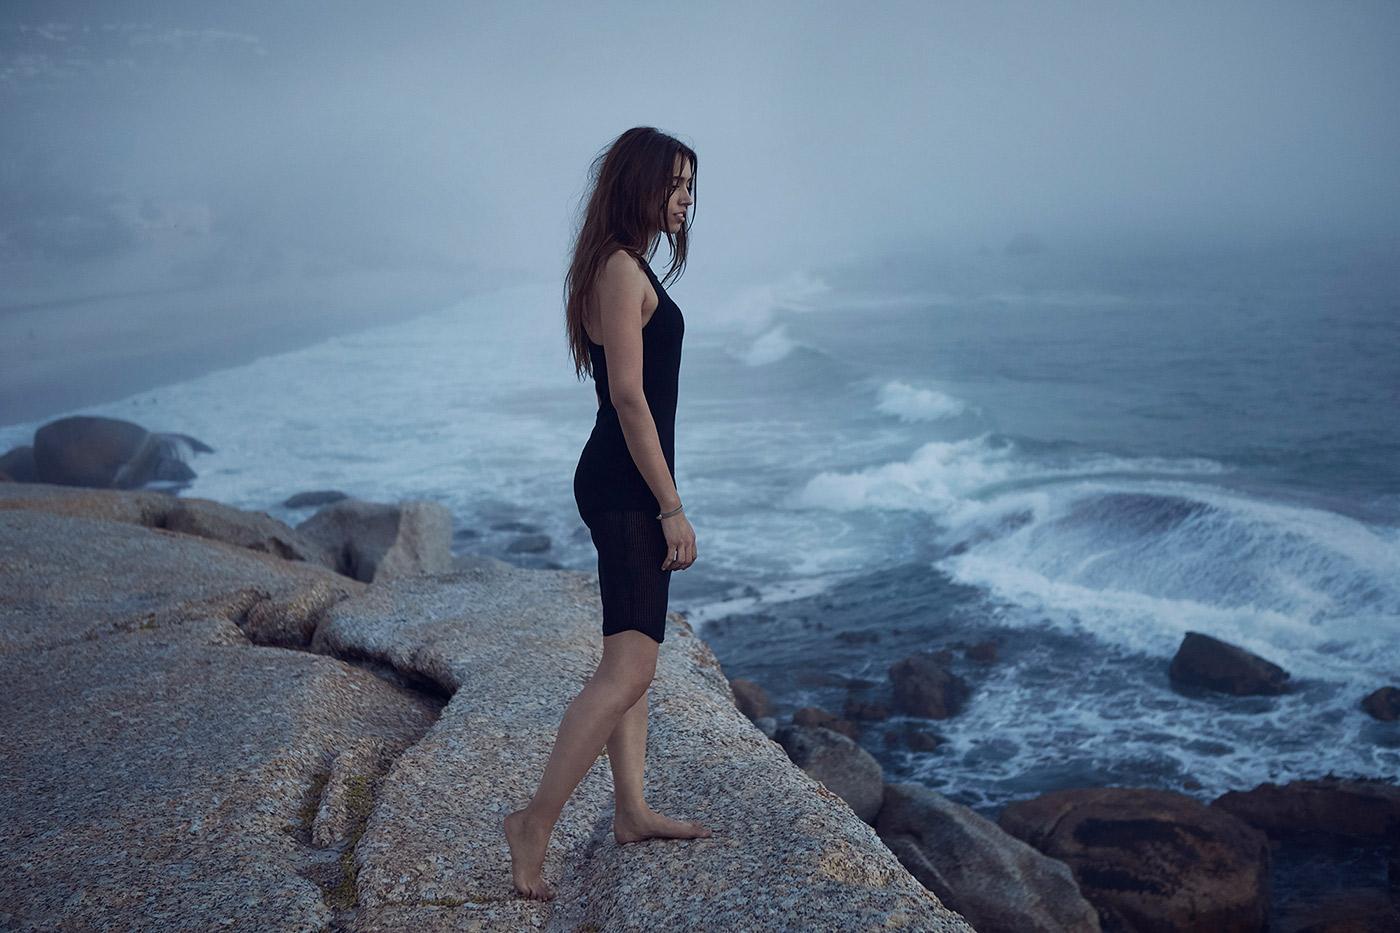 Werbefotografie Beauty und Schmuck am Meer 2